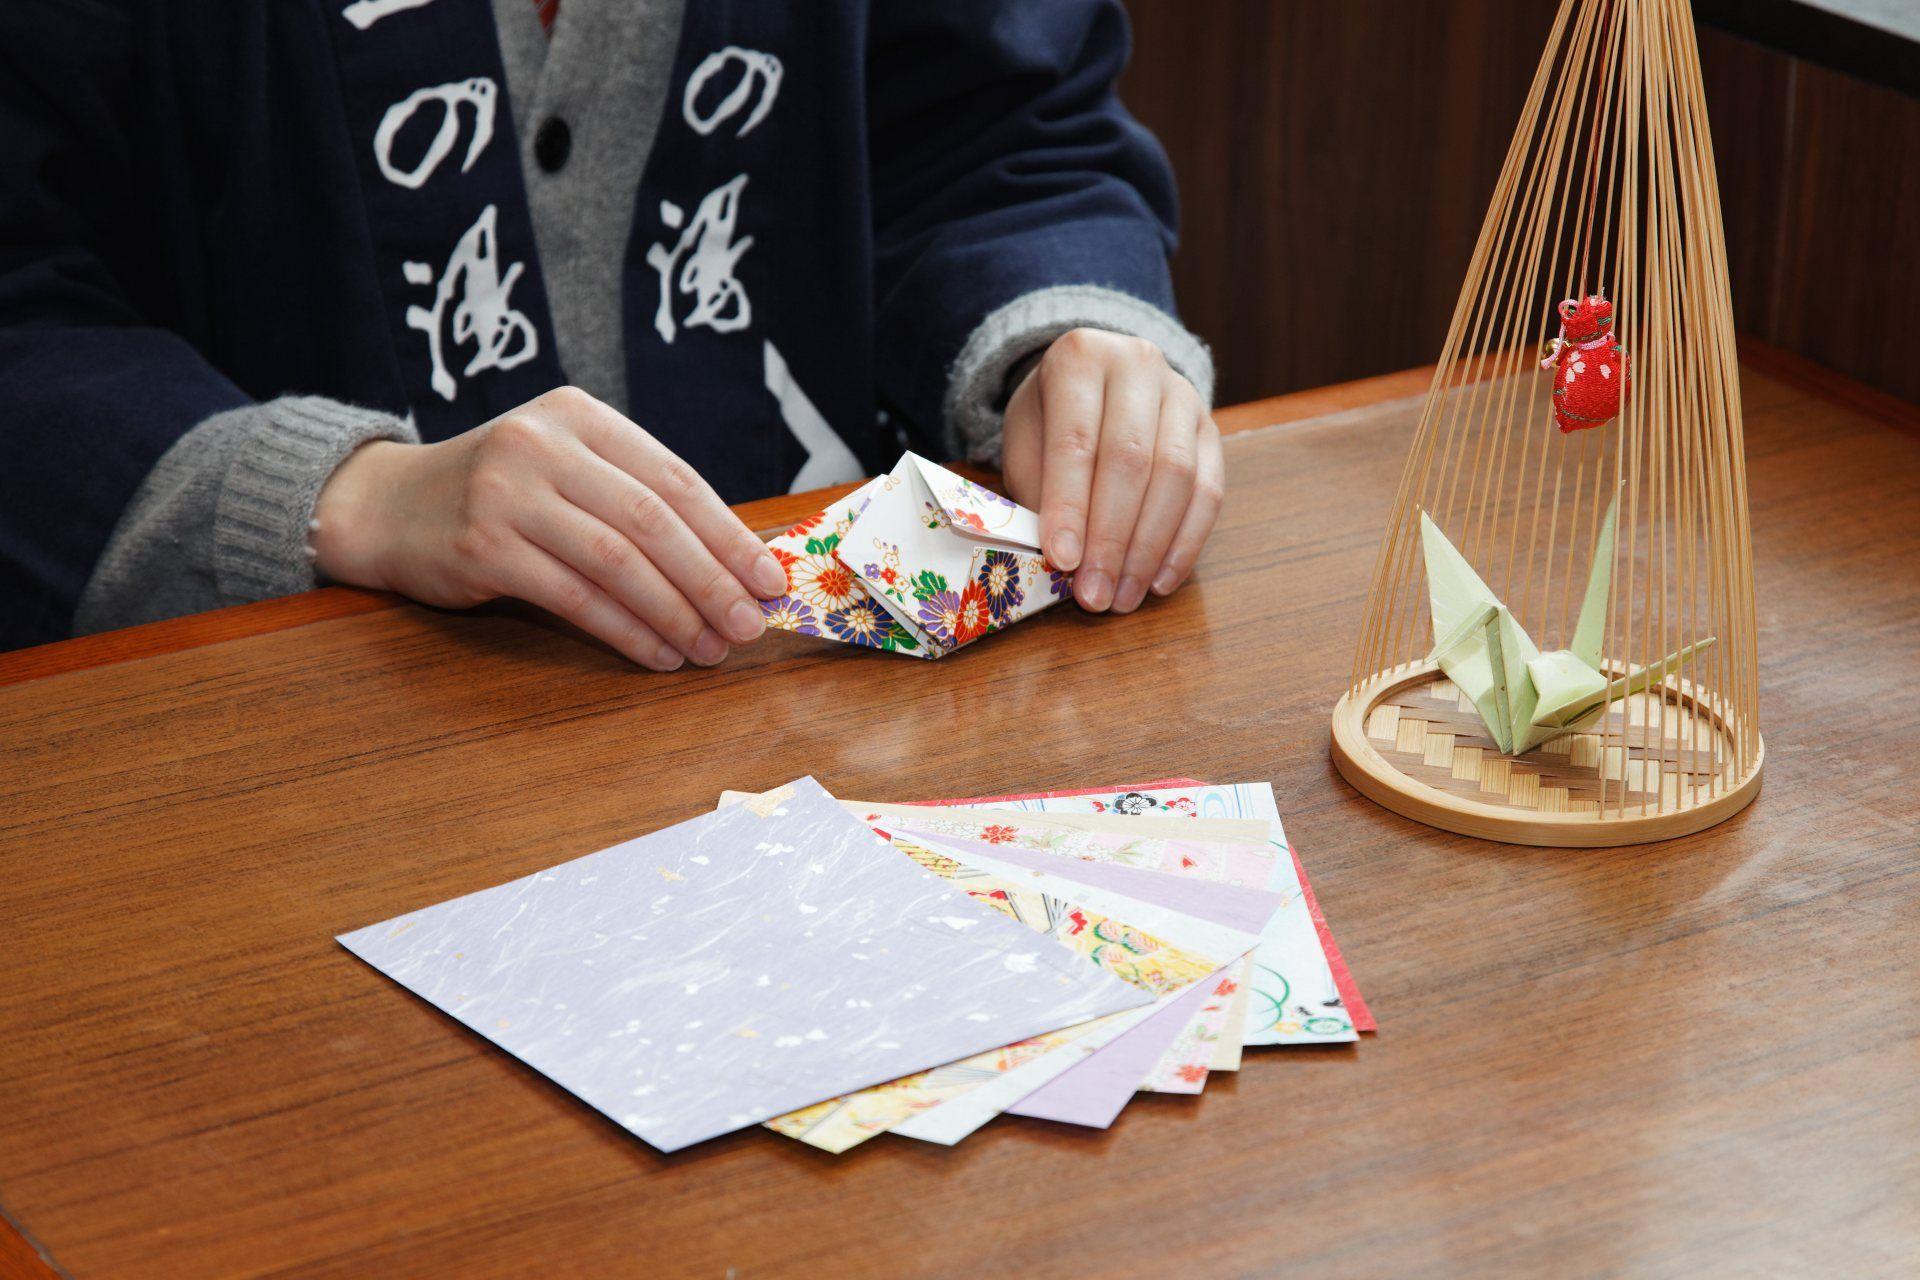 紙鶴製作體驗